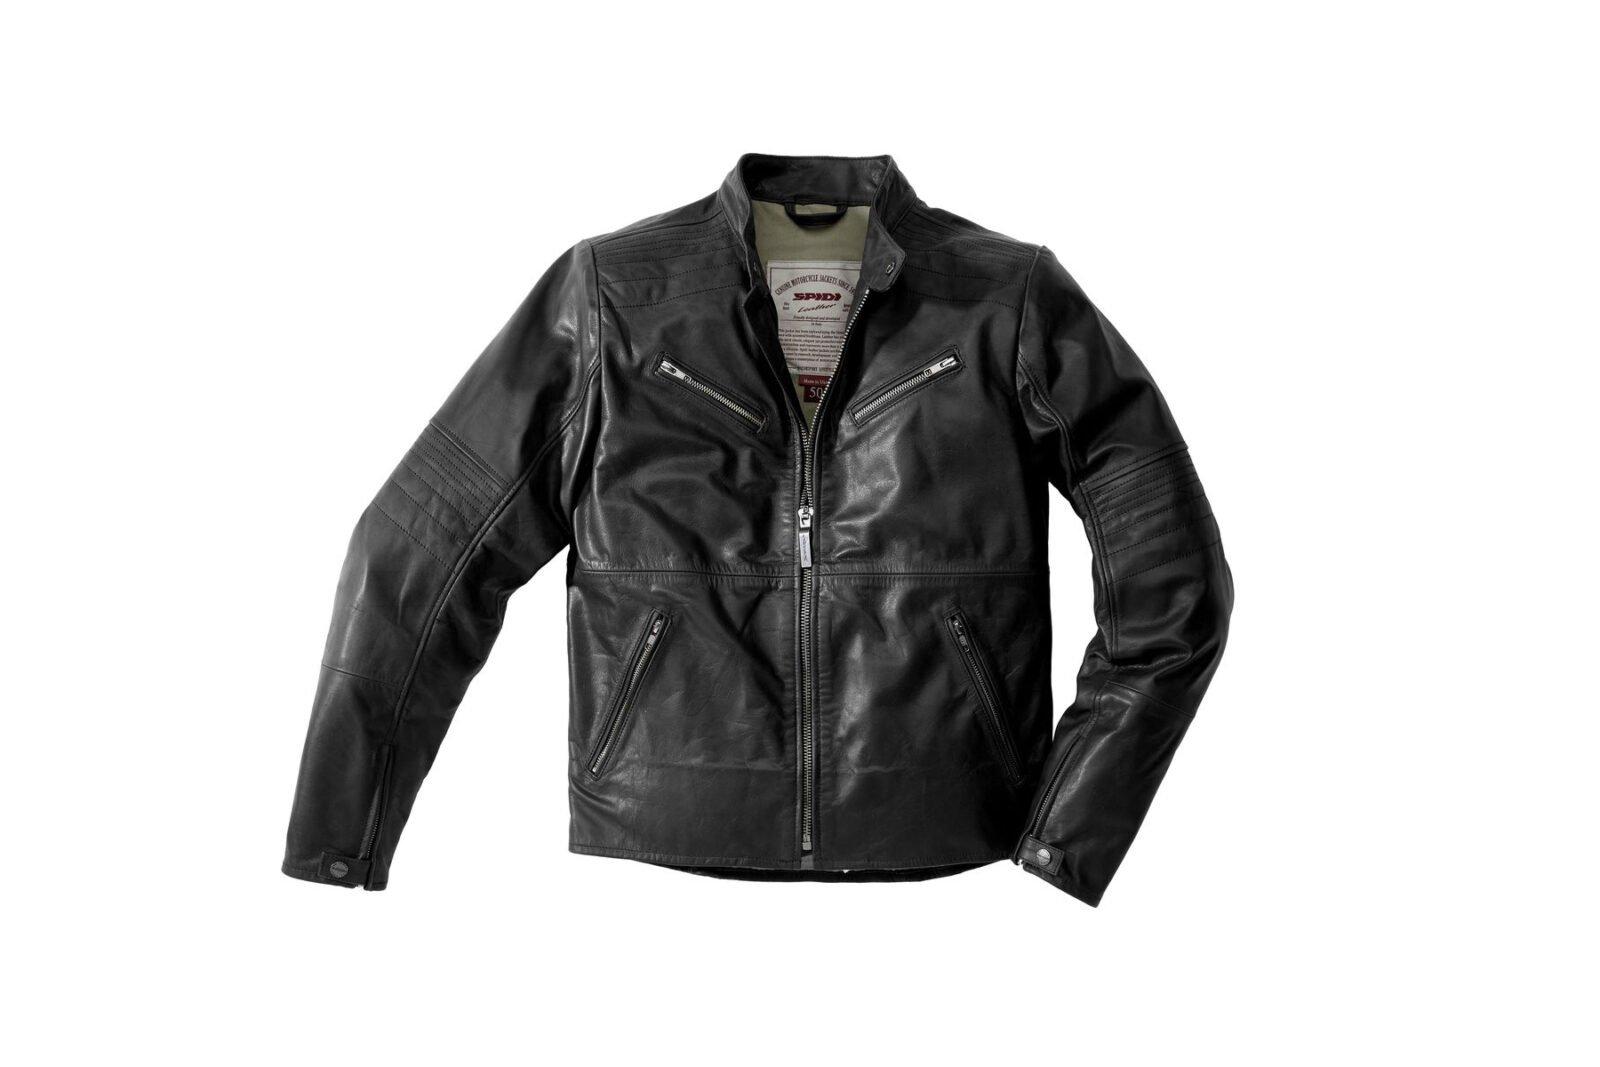 Spidi Garage Jacket 1600x1067 - Spidi Garage Jacket